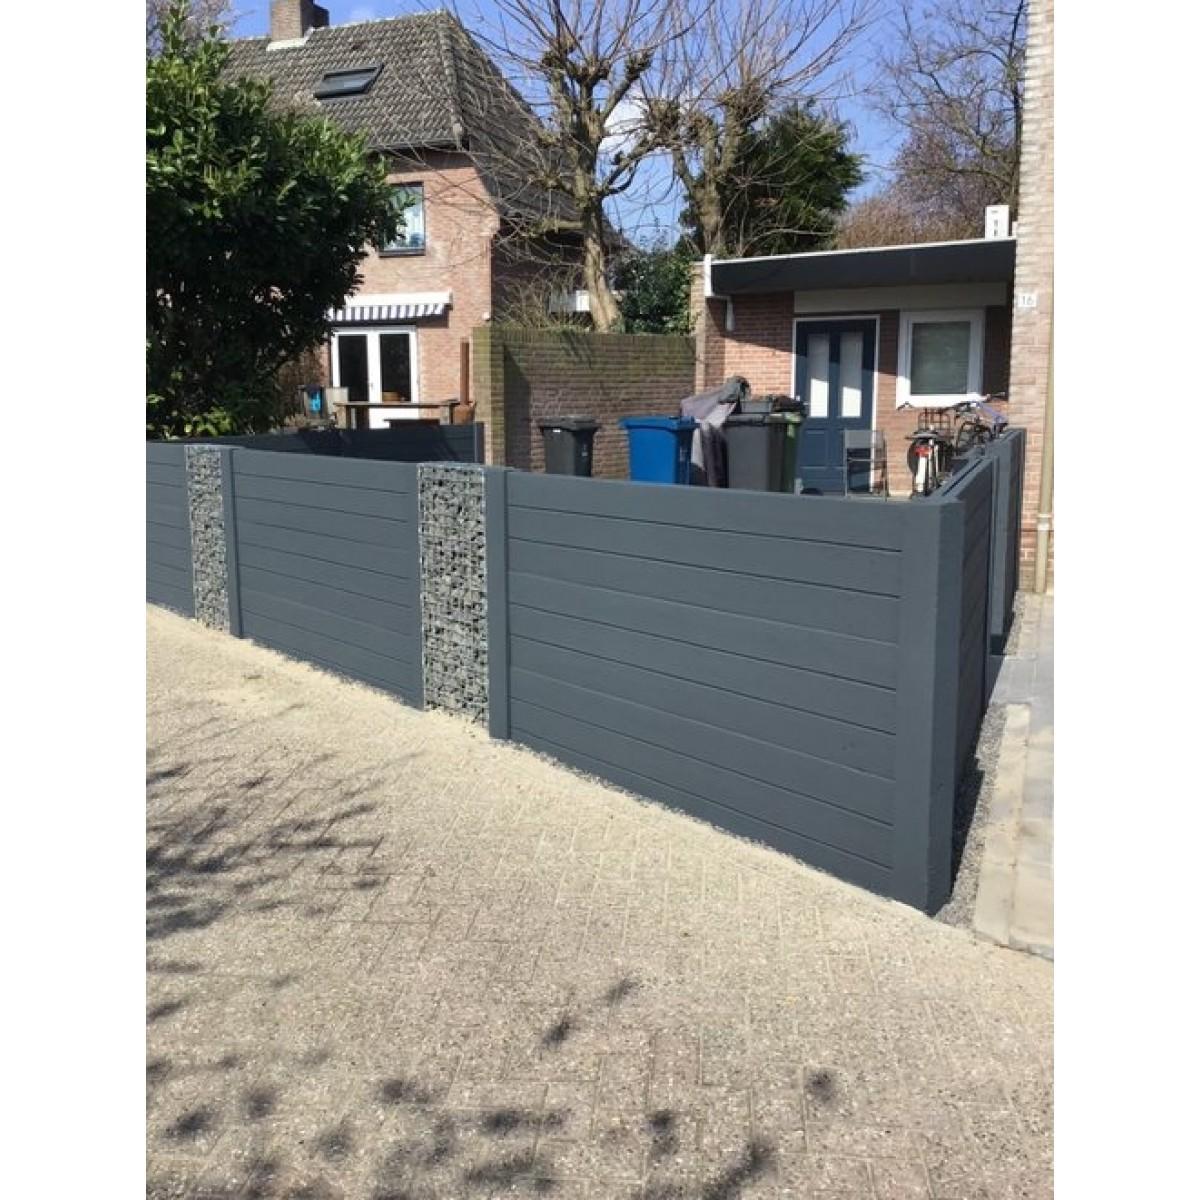 Betonschutting van Schutting33.nl